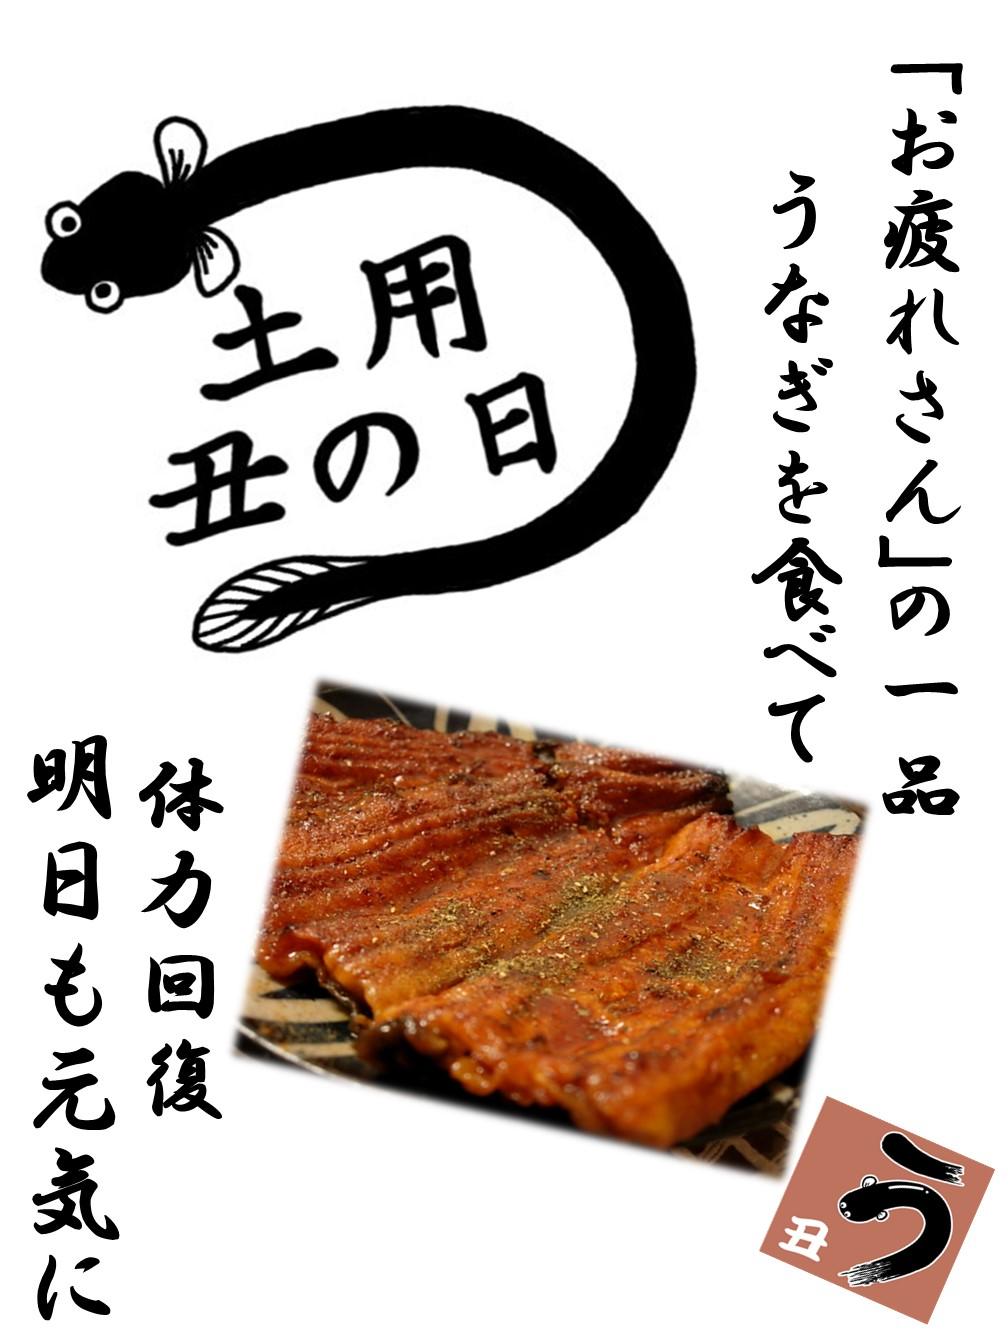 7月24日(金) 土用丑 うなぎ御予約承り中!!